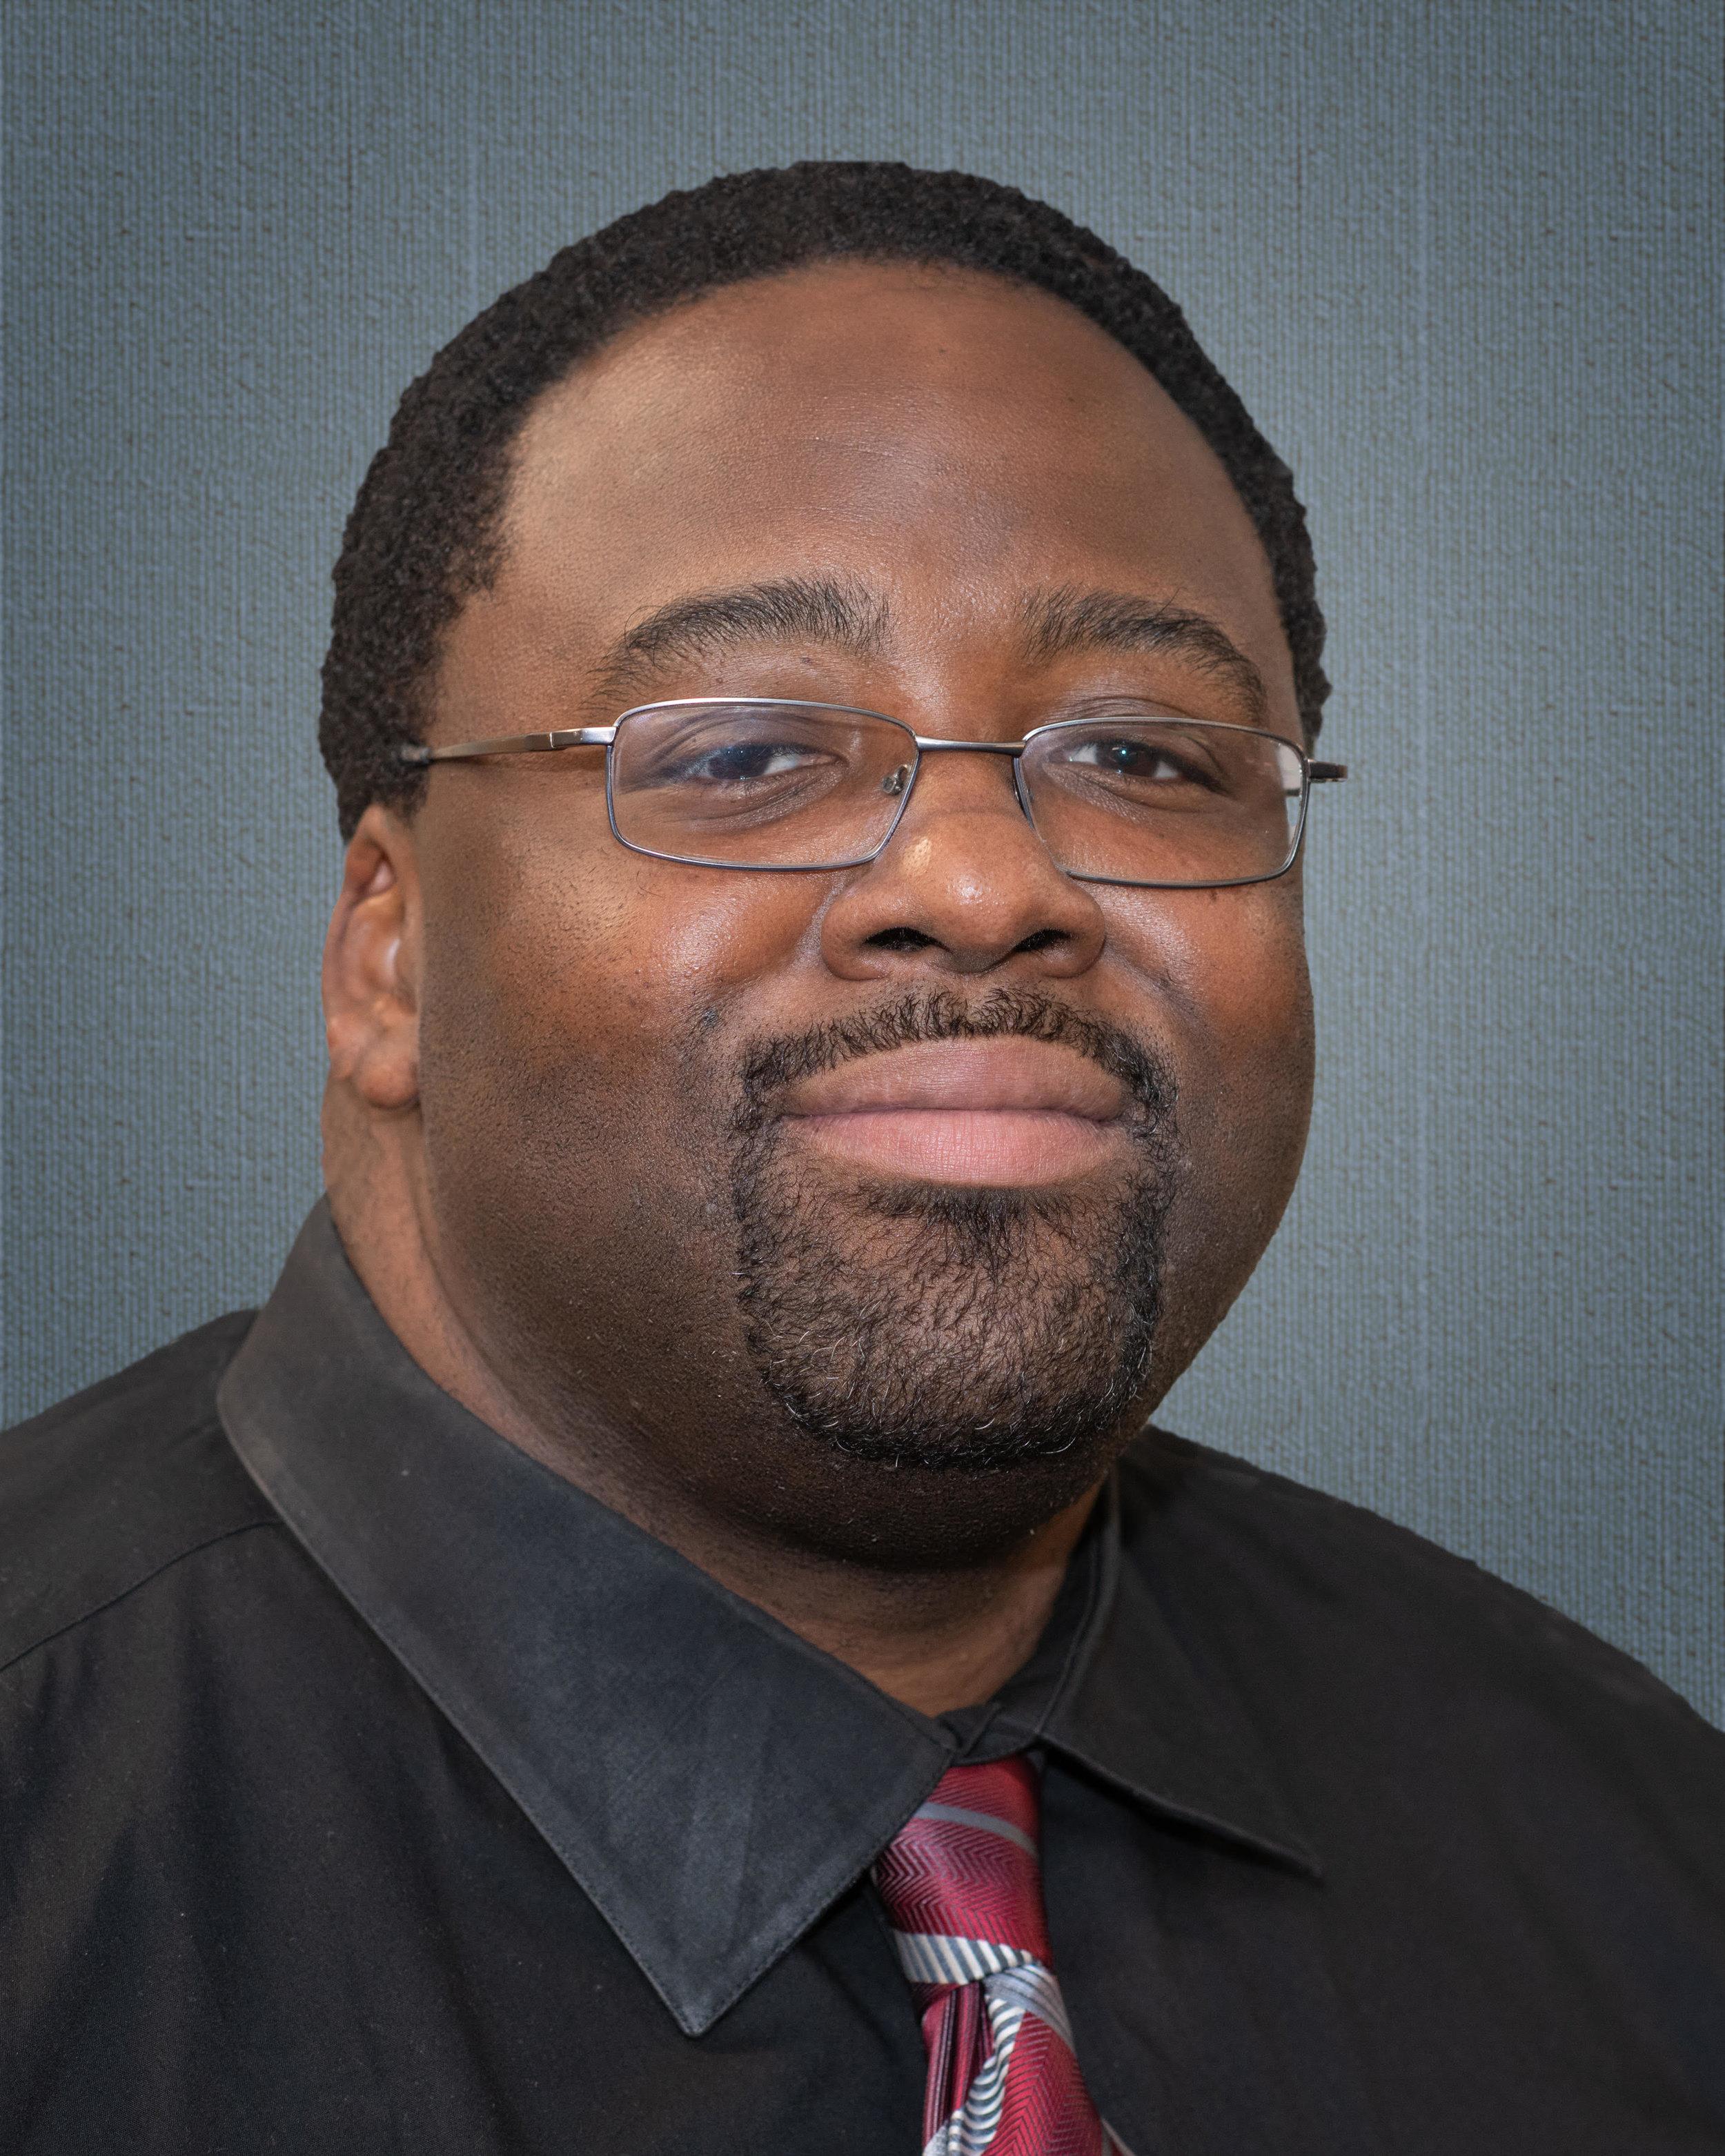 Kenton Lockhart, Deacon over Fellowship